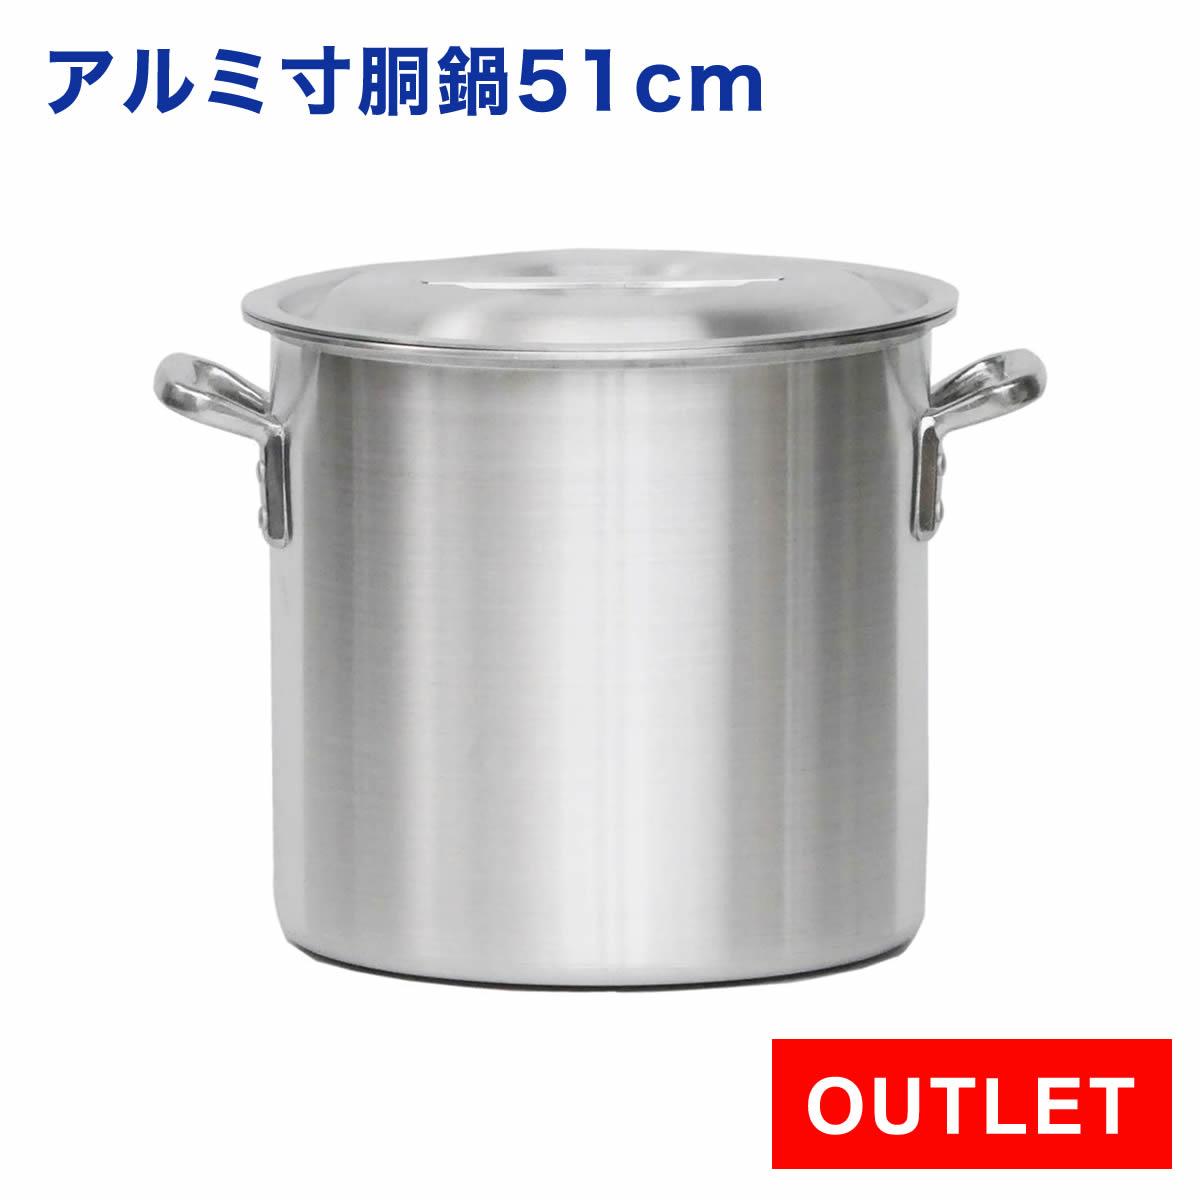 【アウトレット 未使用品】業務用 アルミ寸胴鍋 プレミア 51cm